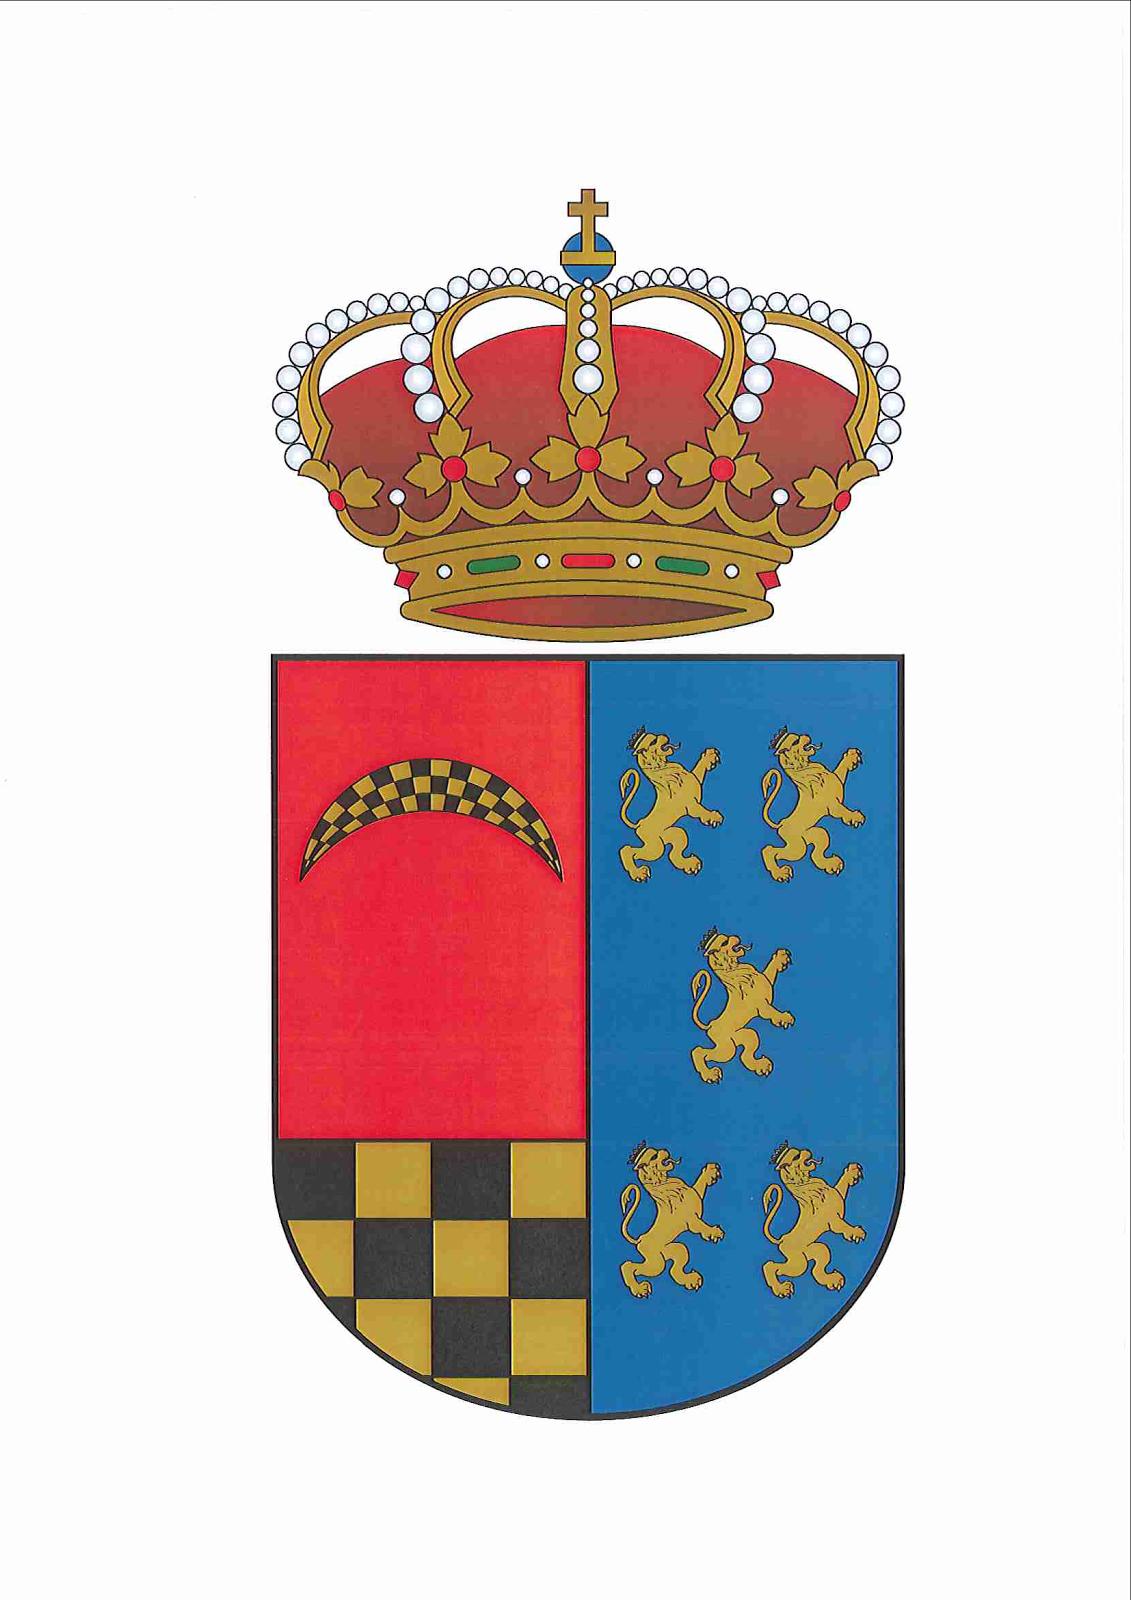 Ayuntamiento de Velliza (Valladolid)